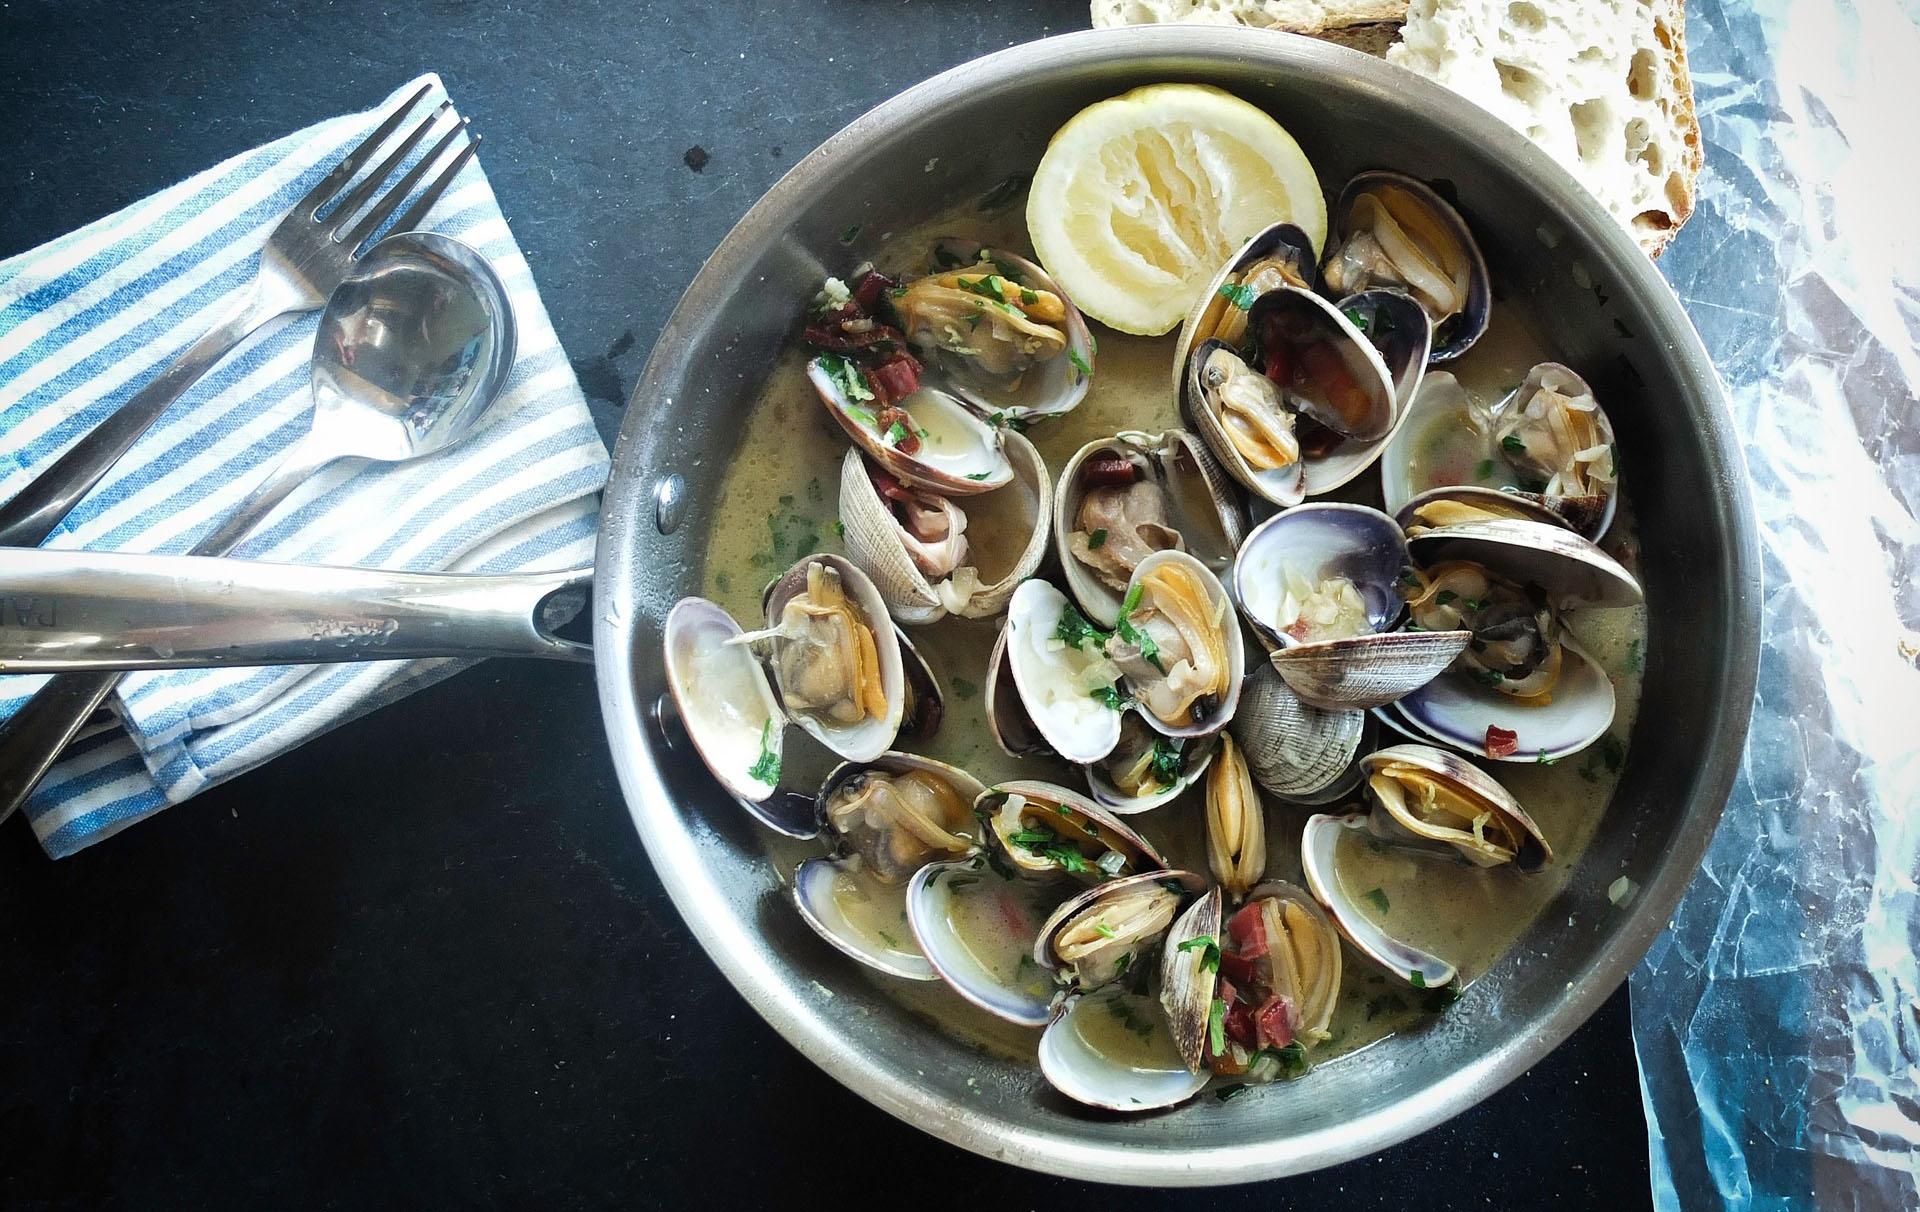 seafood-1081974_1920 cropped.jpg